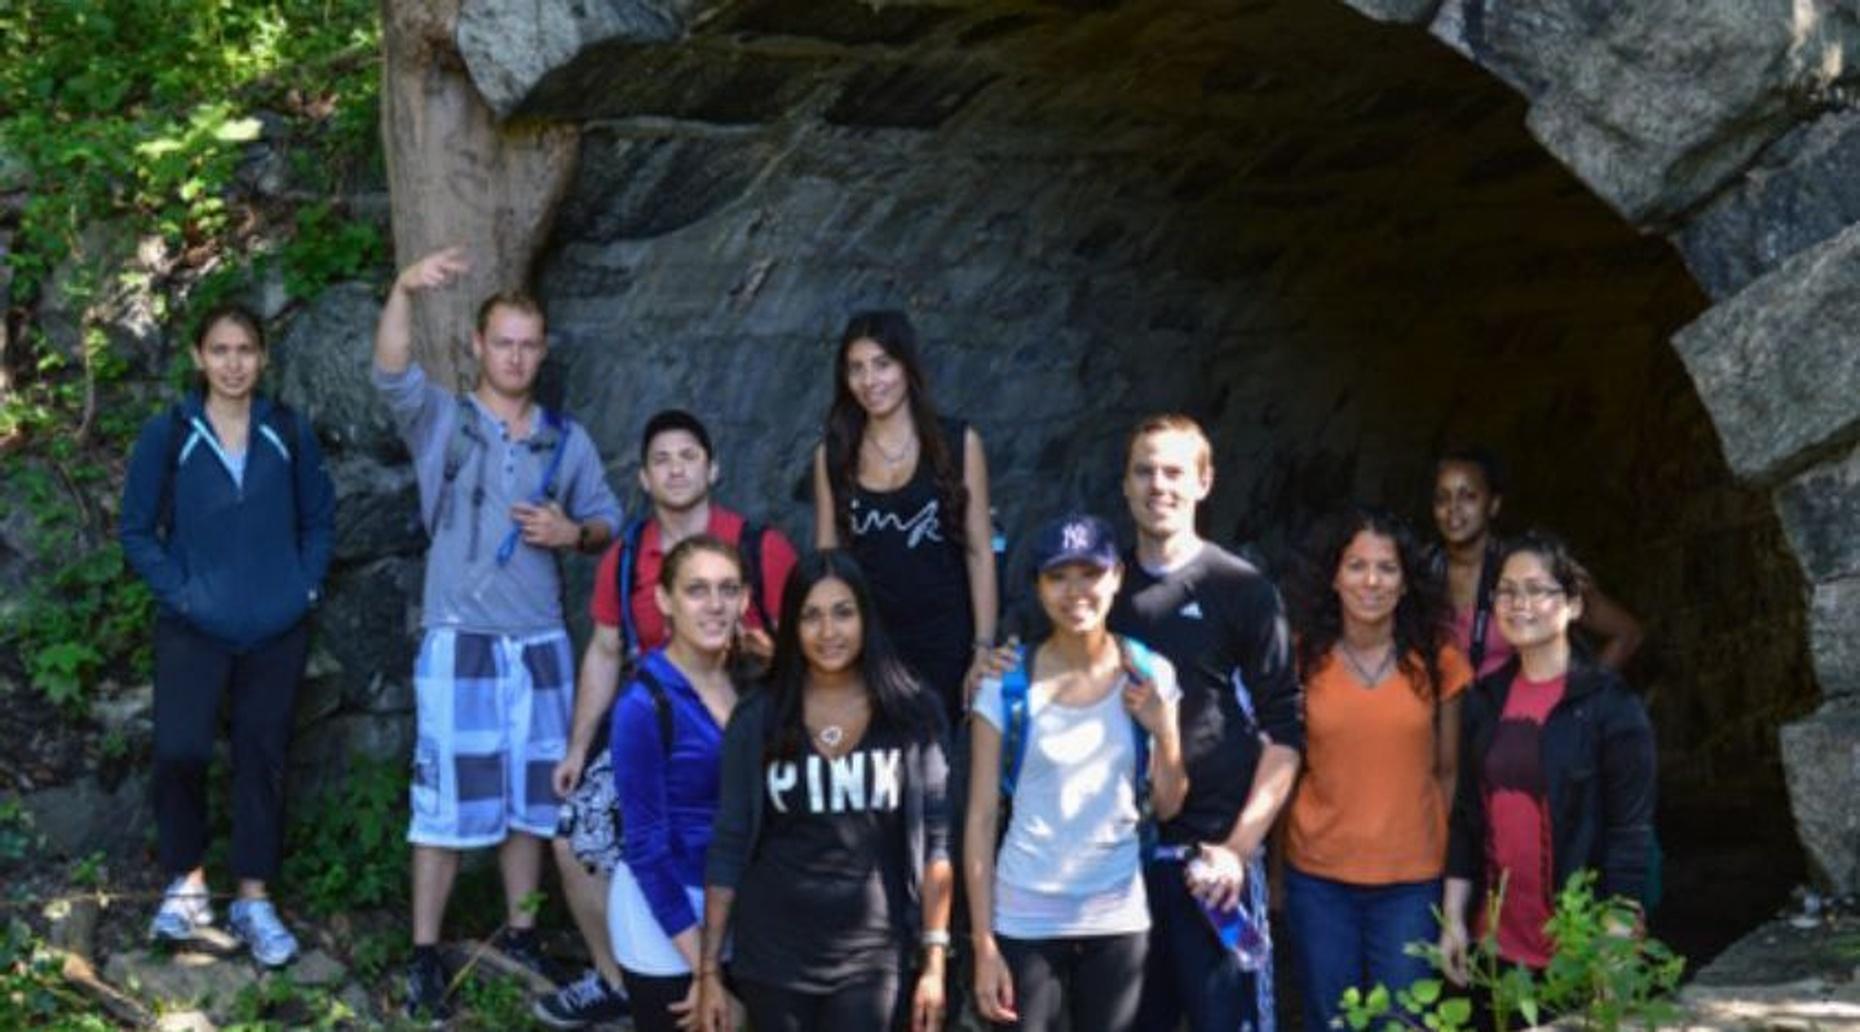 Dunderberg Mountain Vigorous Hike